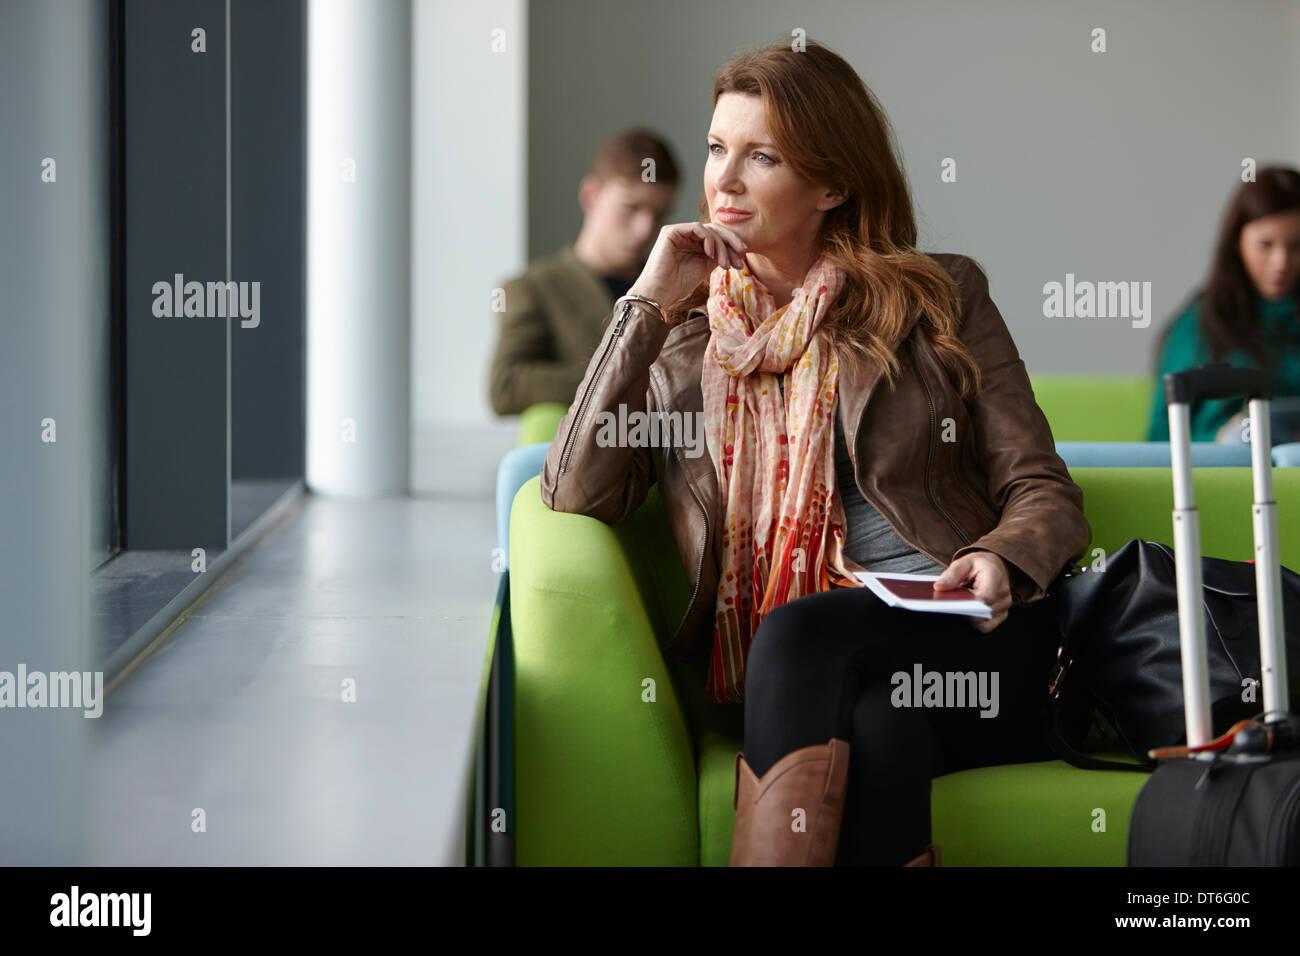 Mujer madura en sala de embarque Imagen De Stock